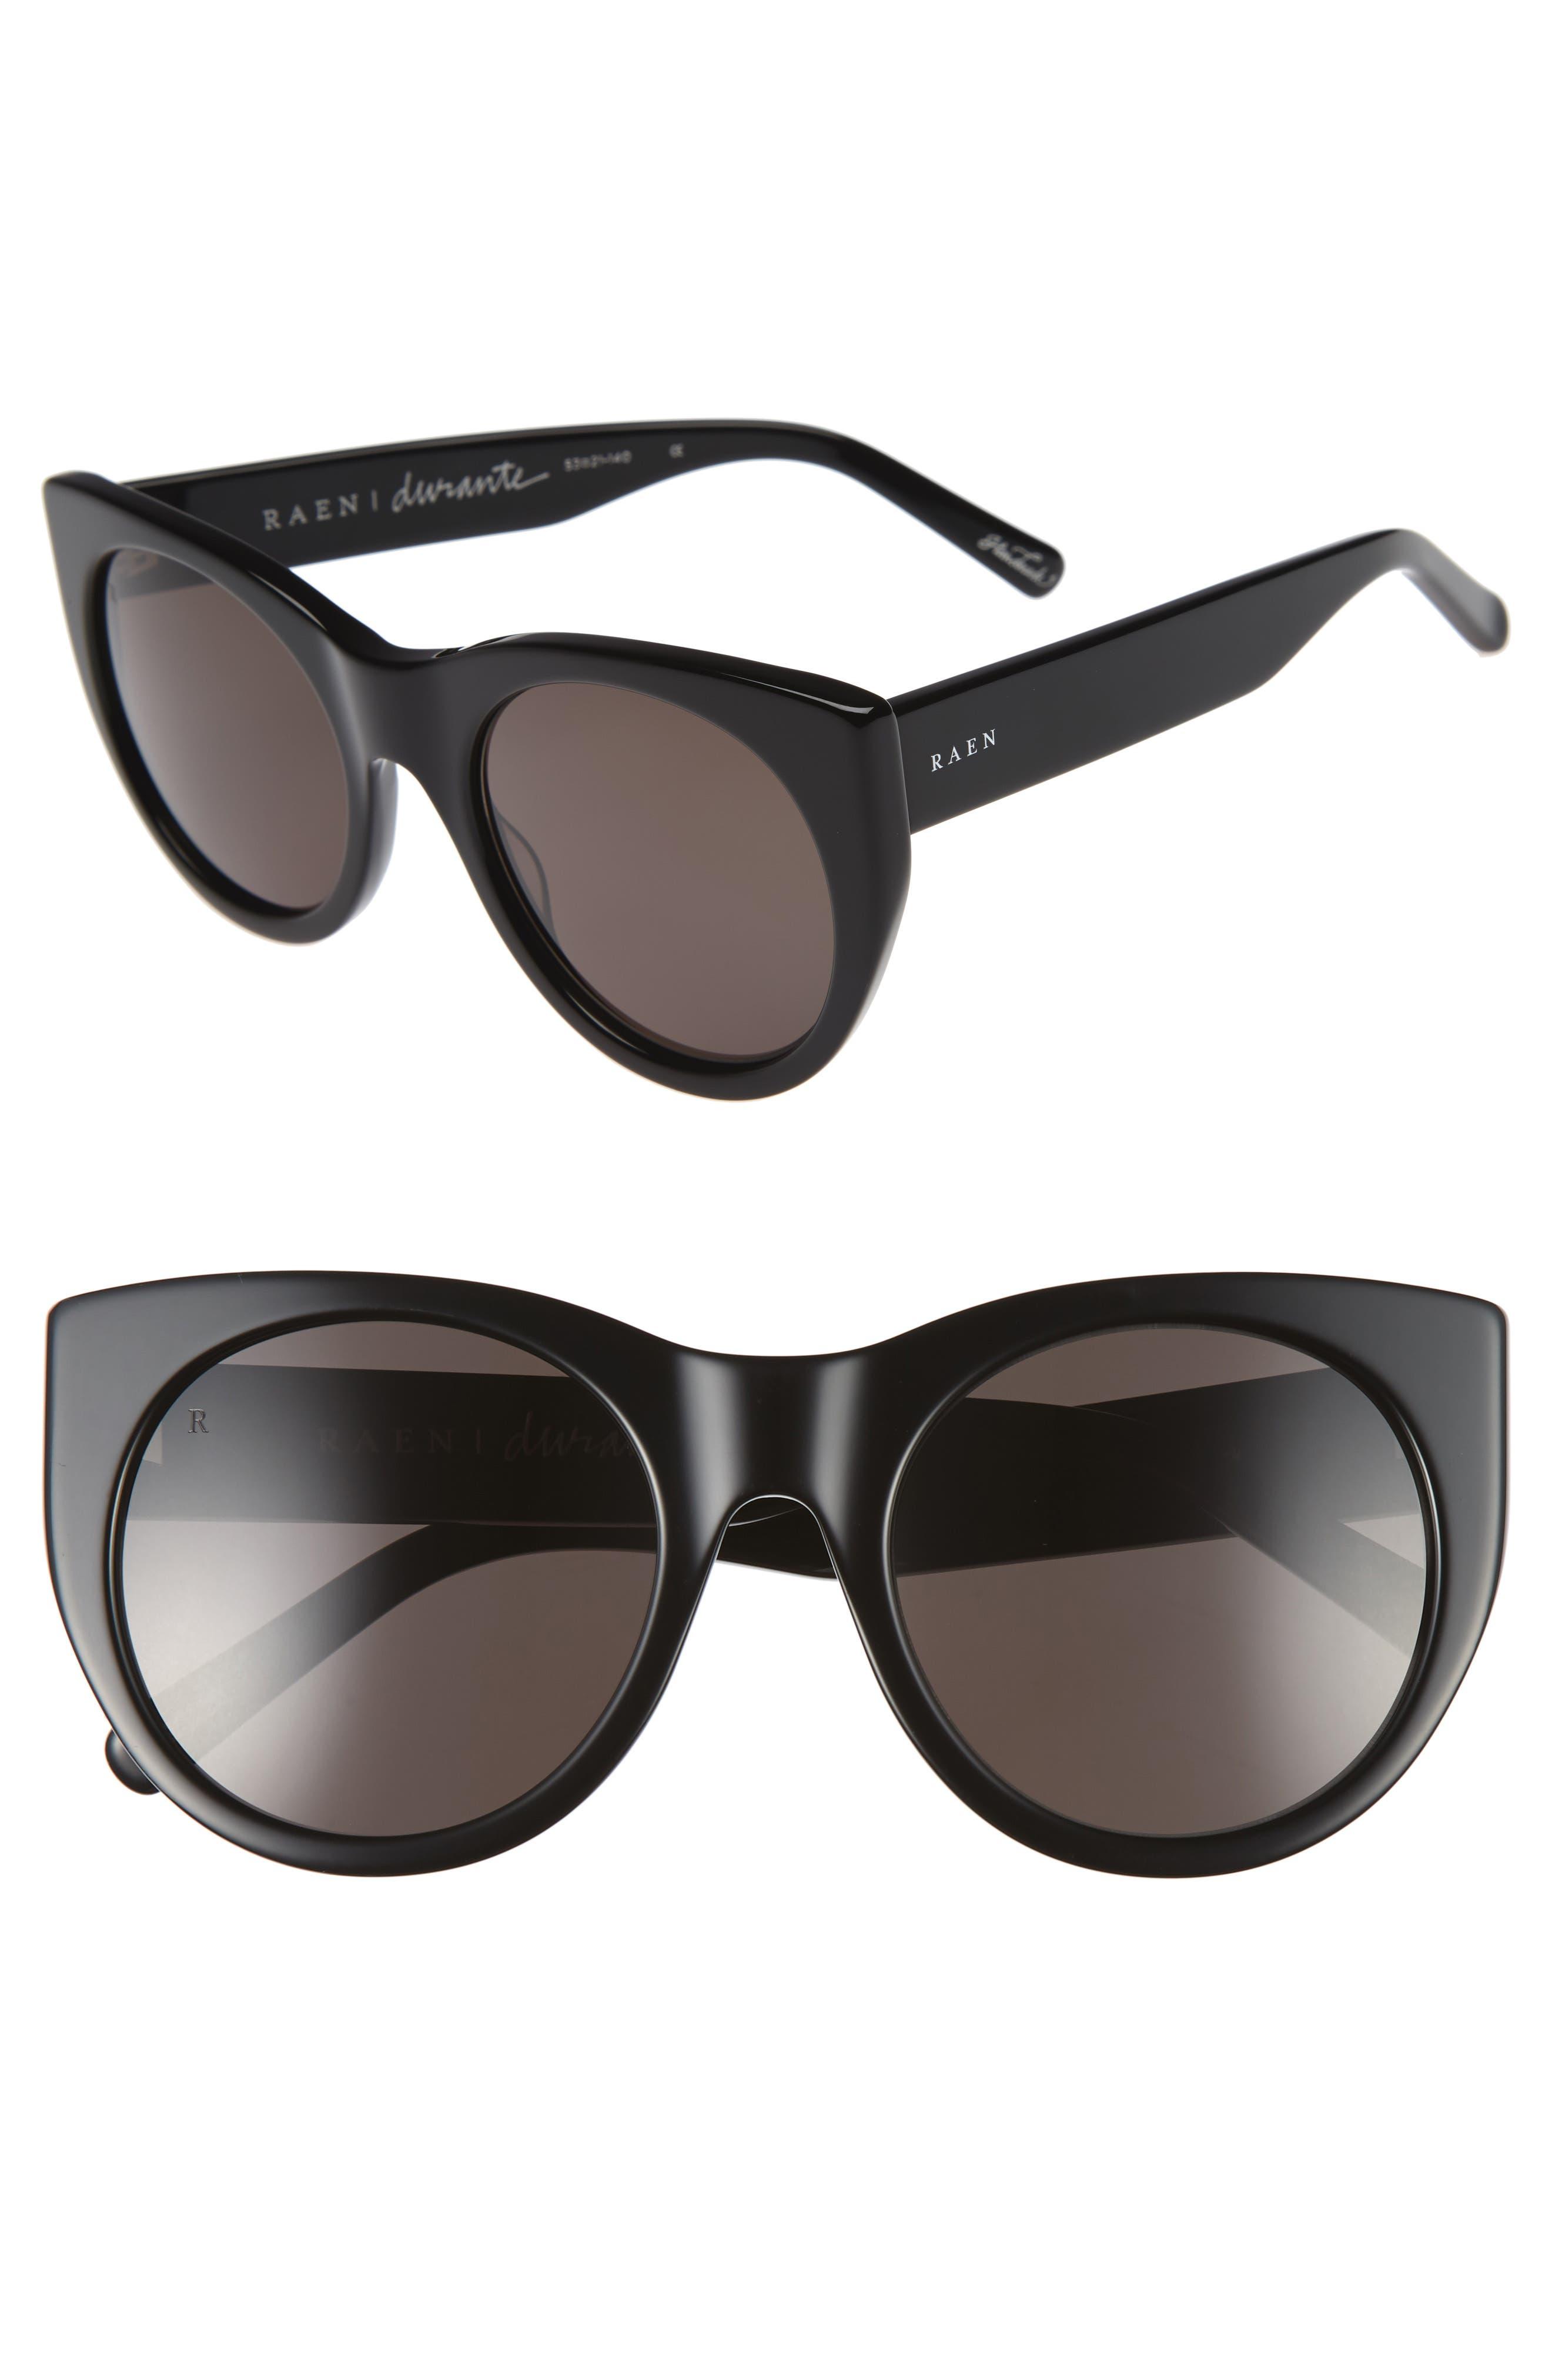 Alternate Image 1 Selected - RAEN Durante 53mm Retro Sunglasses